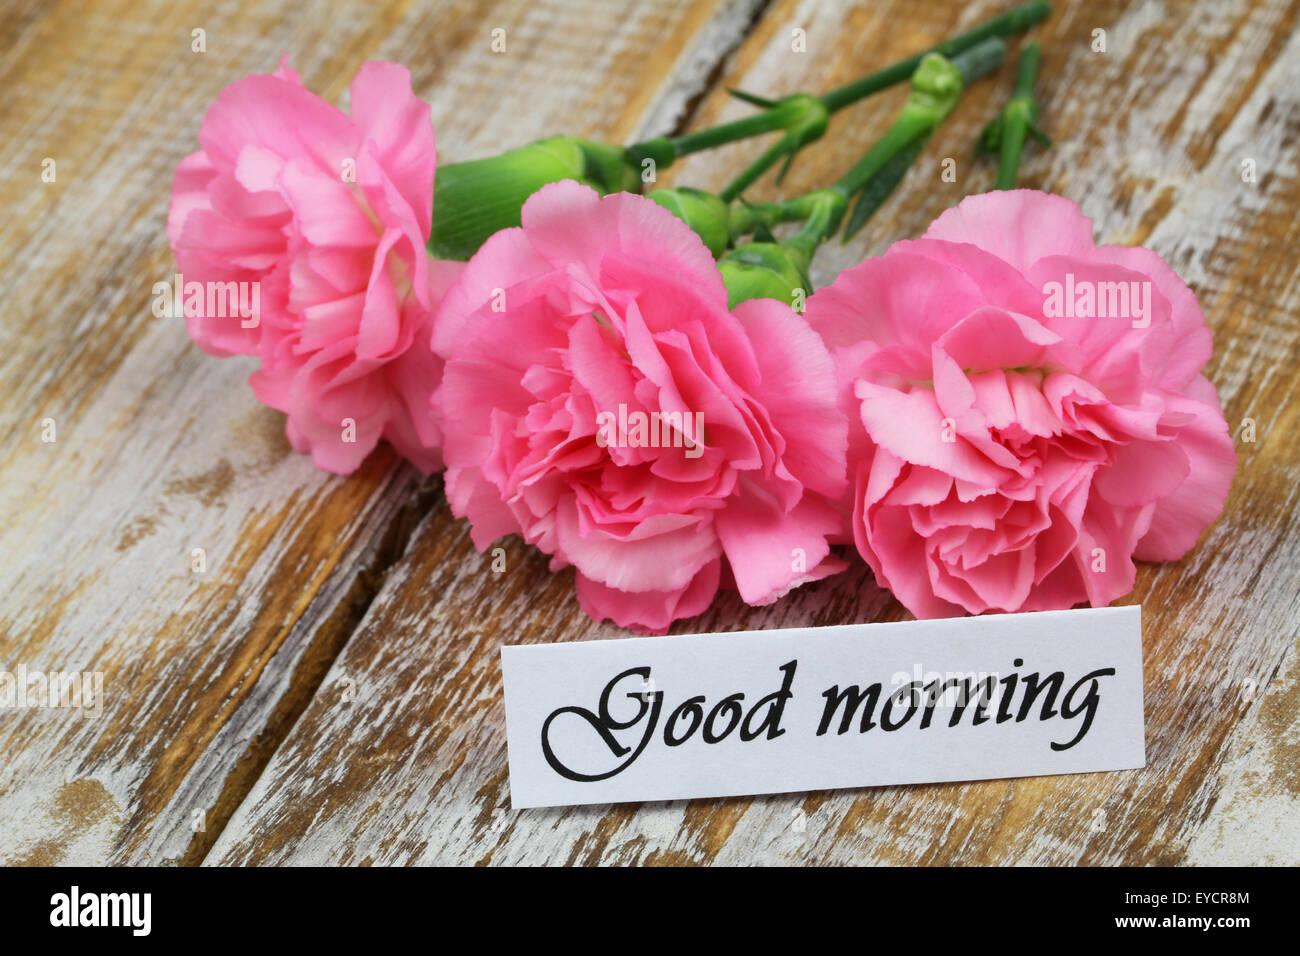 Good Morning Flower Stock Photos & Good Morning Flower Stock